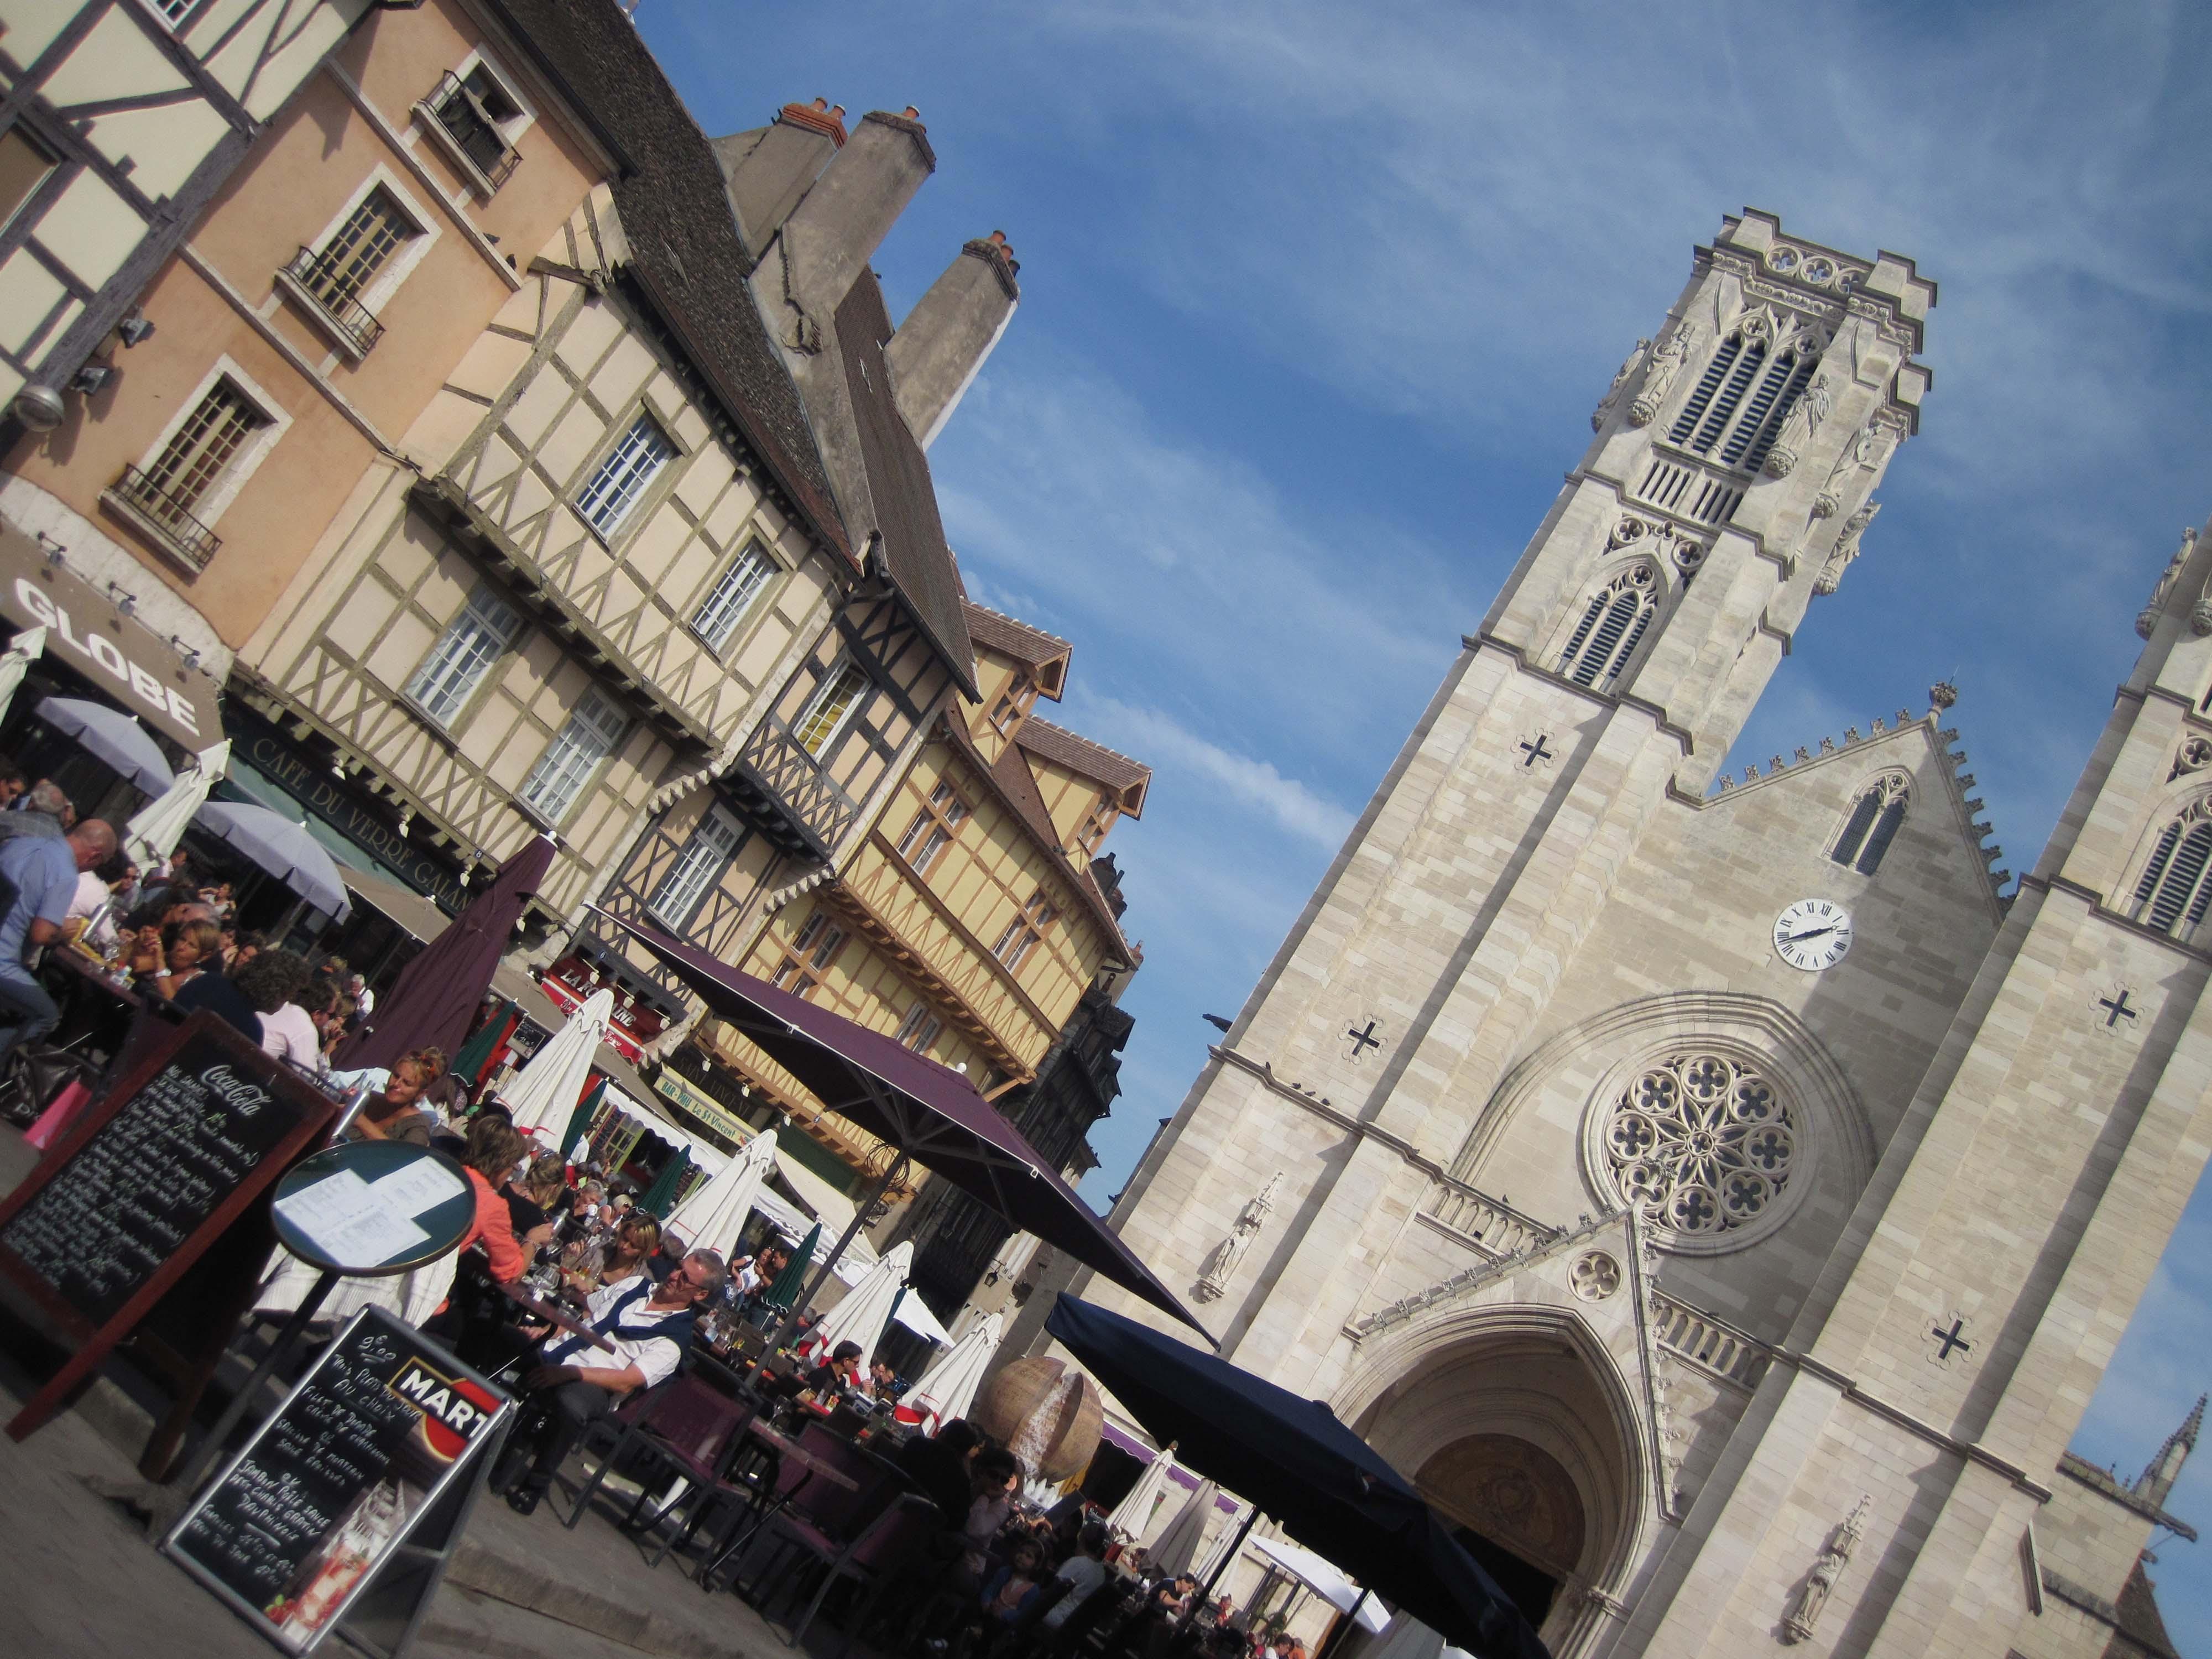 Disfrutando del buen tiempo en la plaza de la catedral